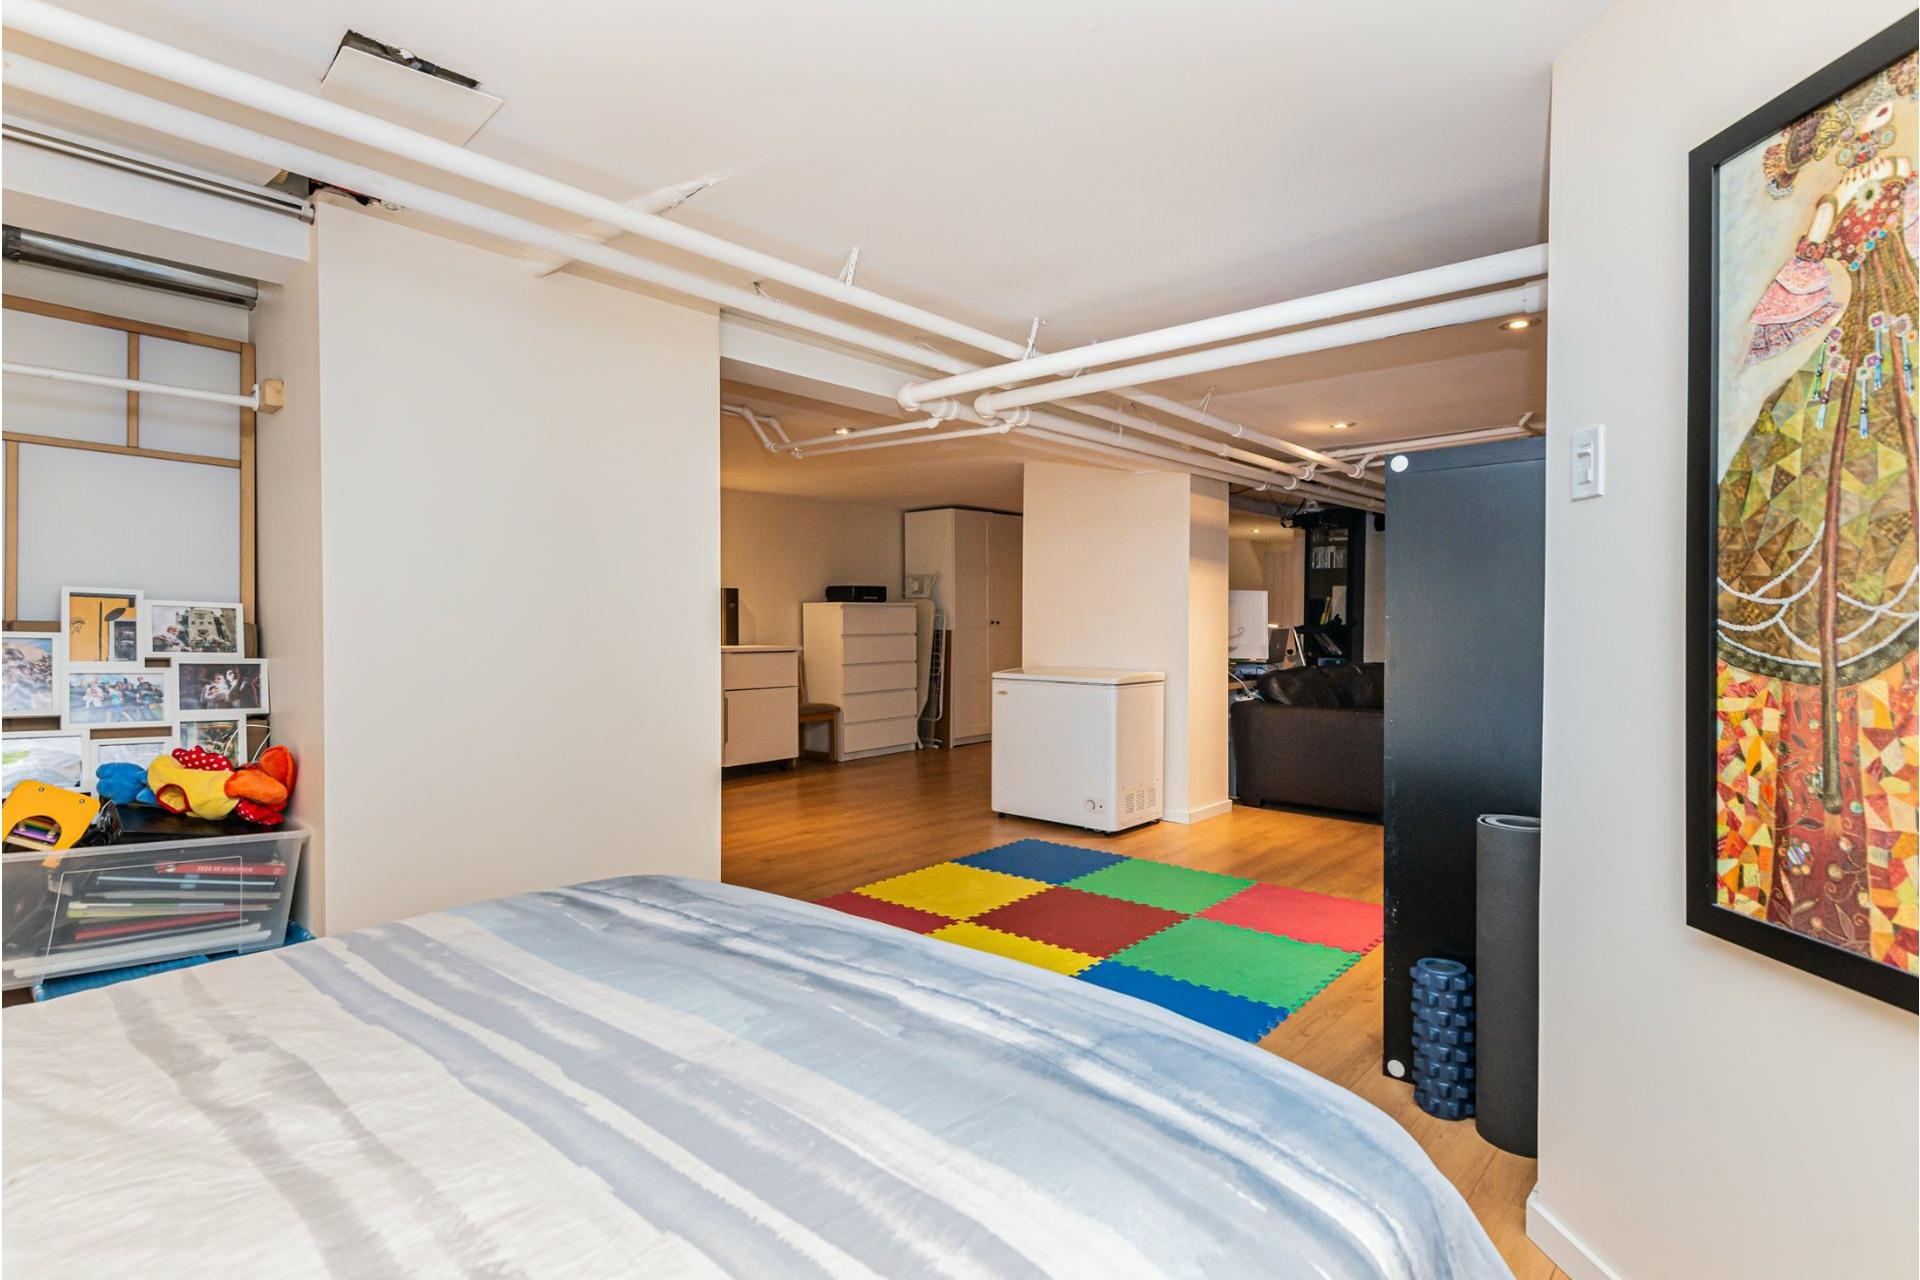 image 28 - Apartment For sale Côte-des-Neiges/Notre-Dame-de-Grâce Montréal  - 9 rooms